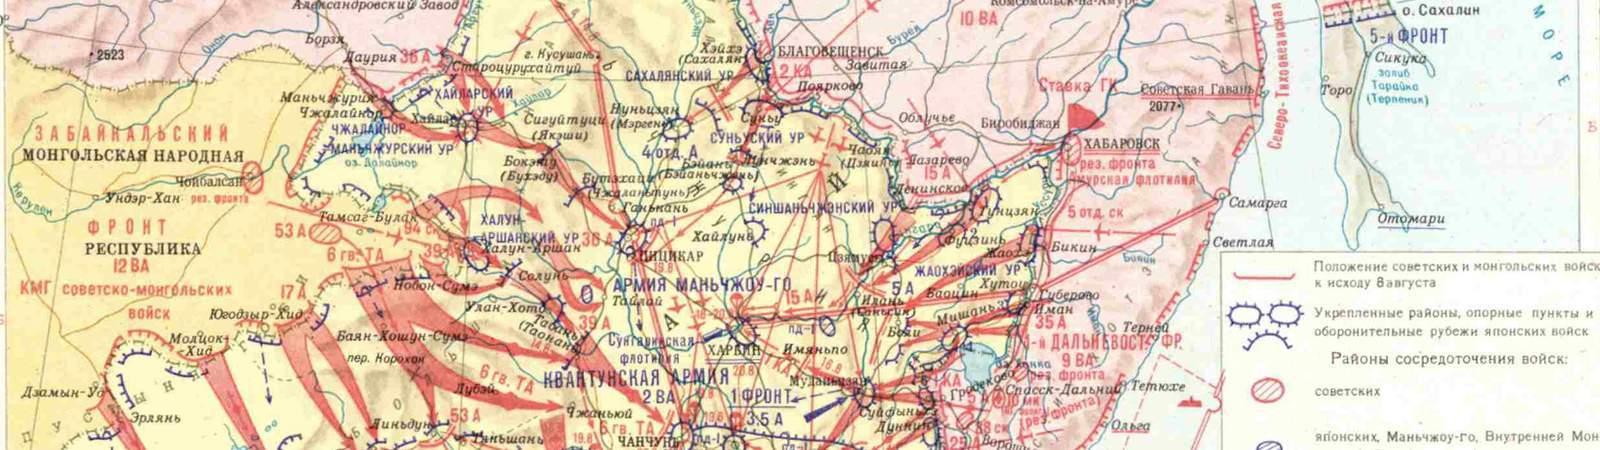 Дальневосточный фронт